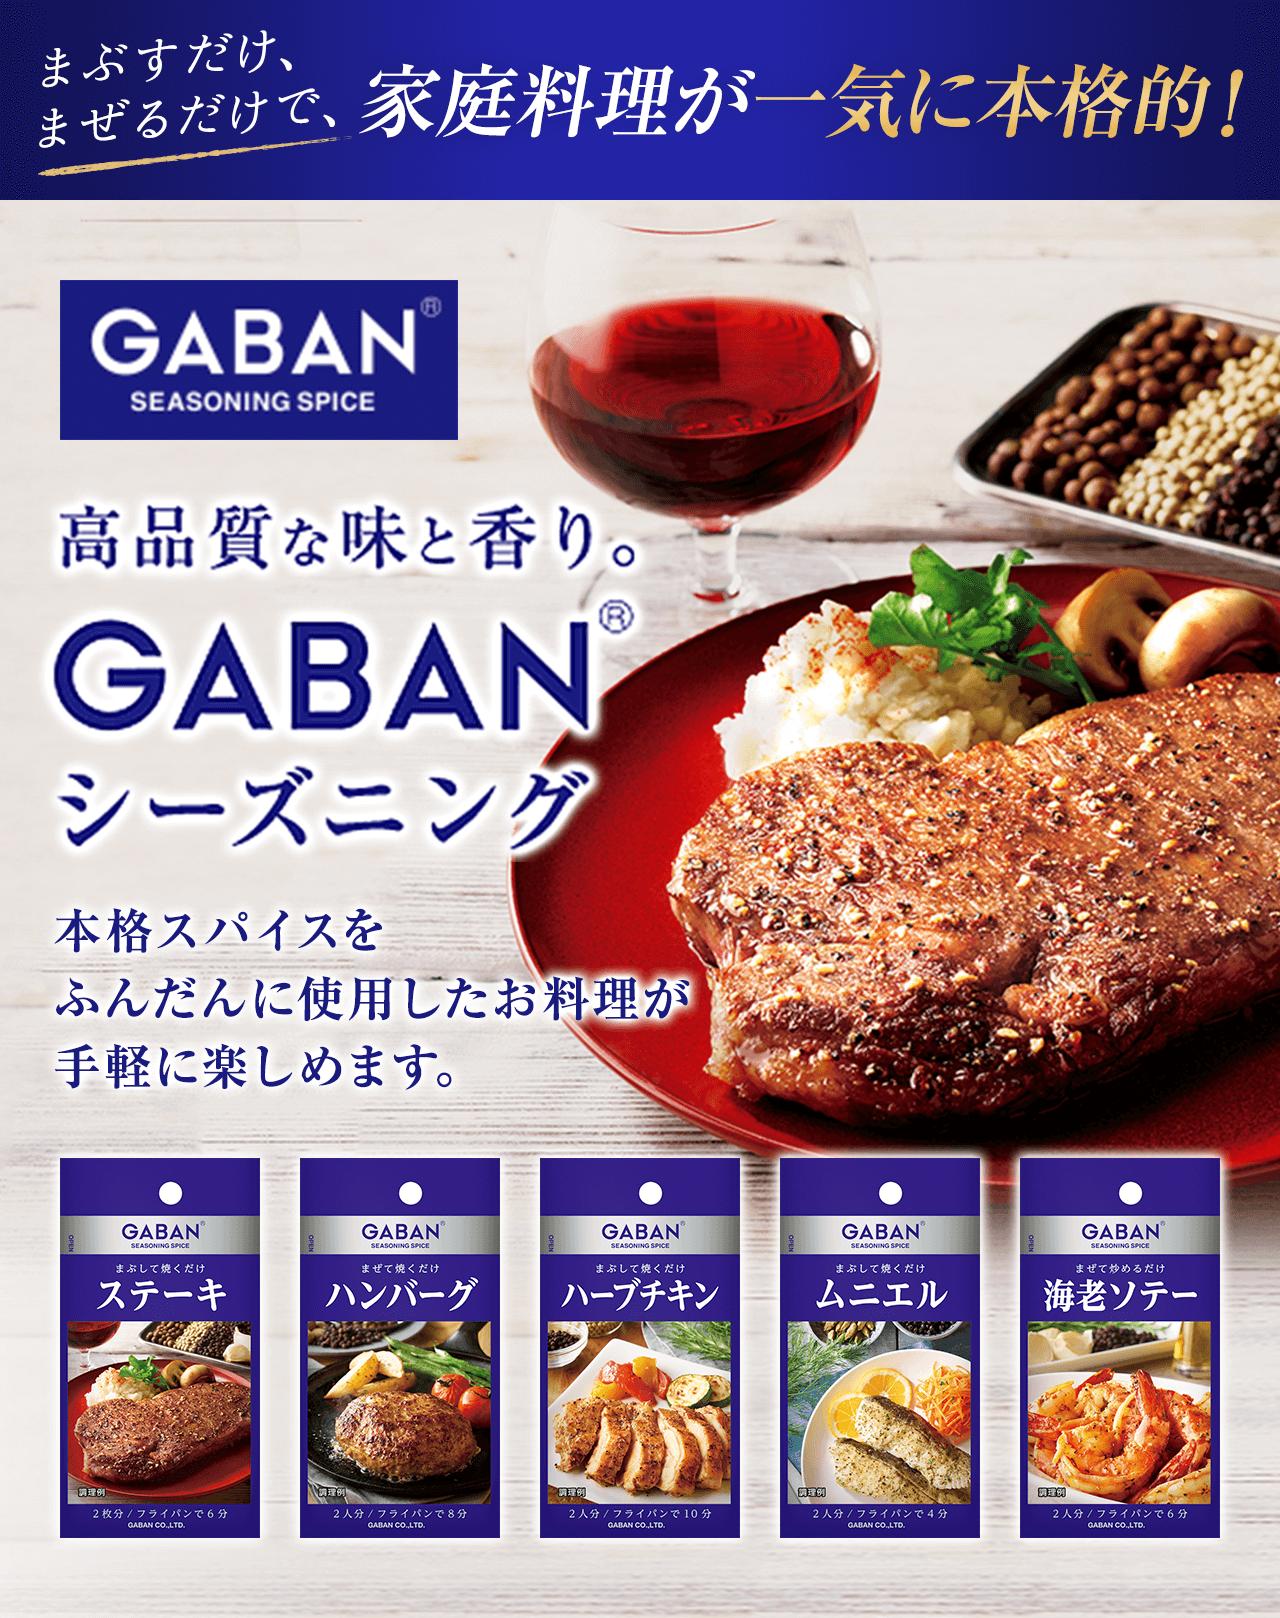 高品質な味と香り GABANU® シーズニング 本格スパイスをふんだんに使用したお料理が手軽に楽しめます。